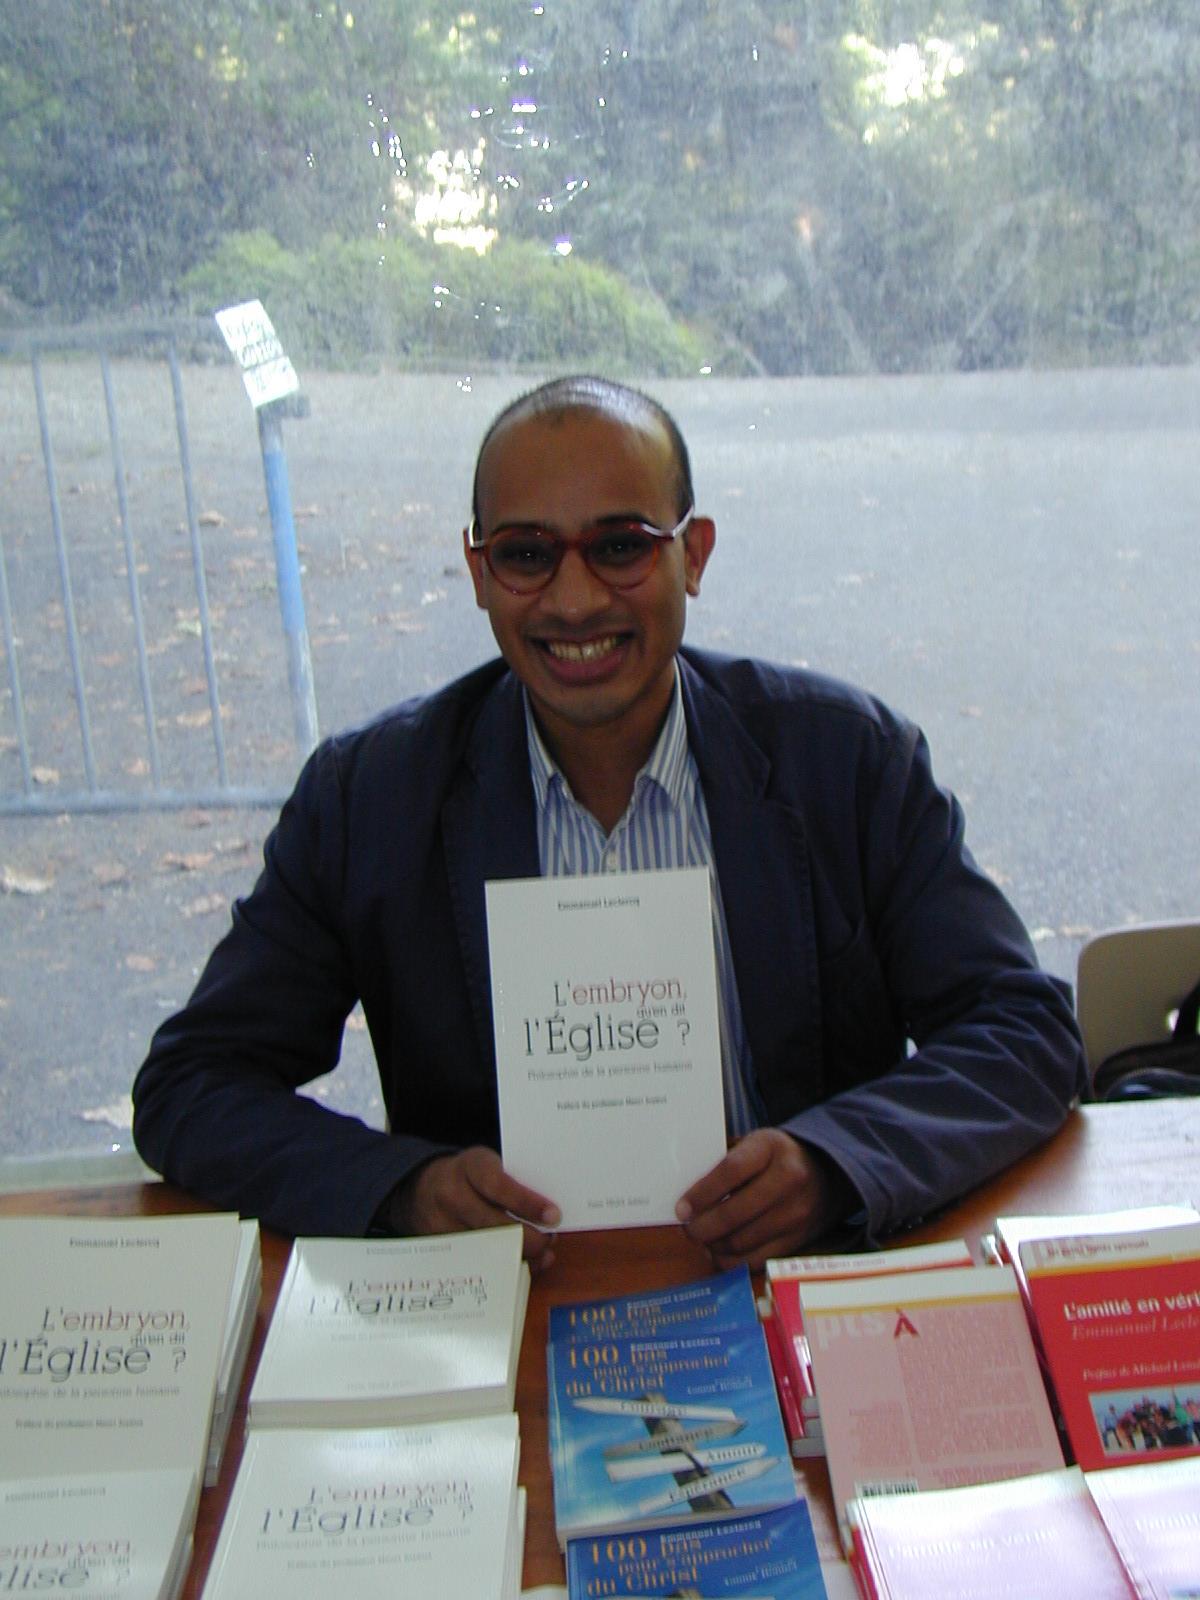 Emmanuel Leclercq